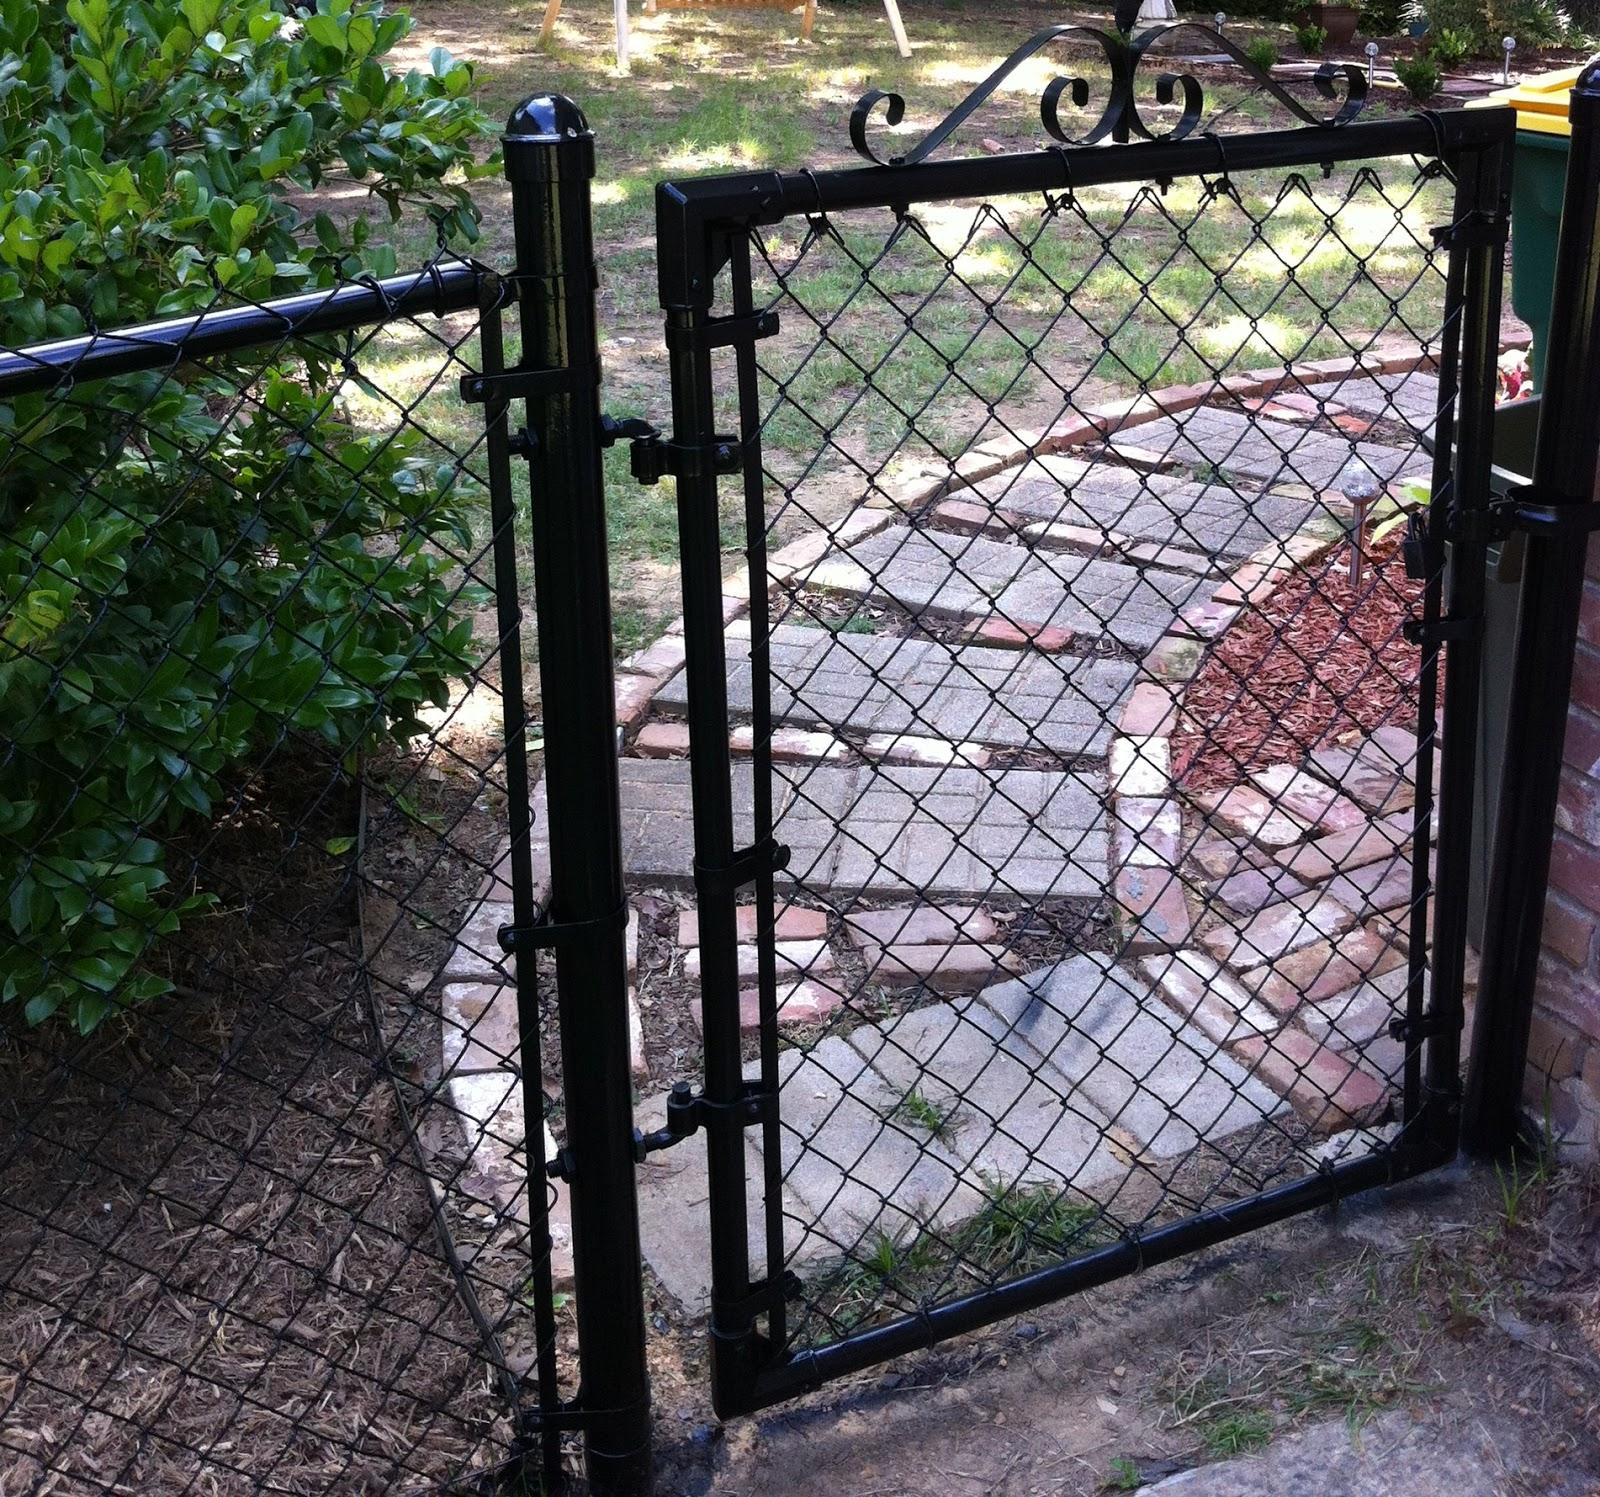 Gate Chain Link Painted Black Jpg 1 600 215 1 497 Pixels